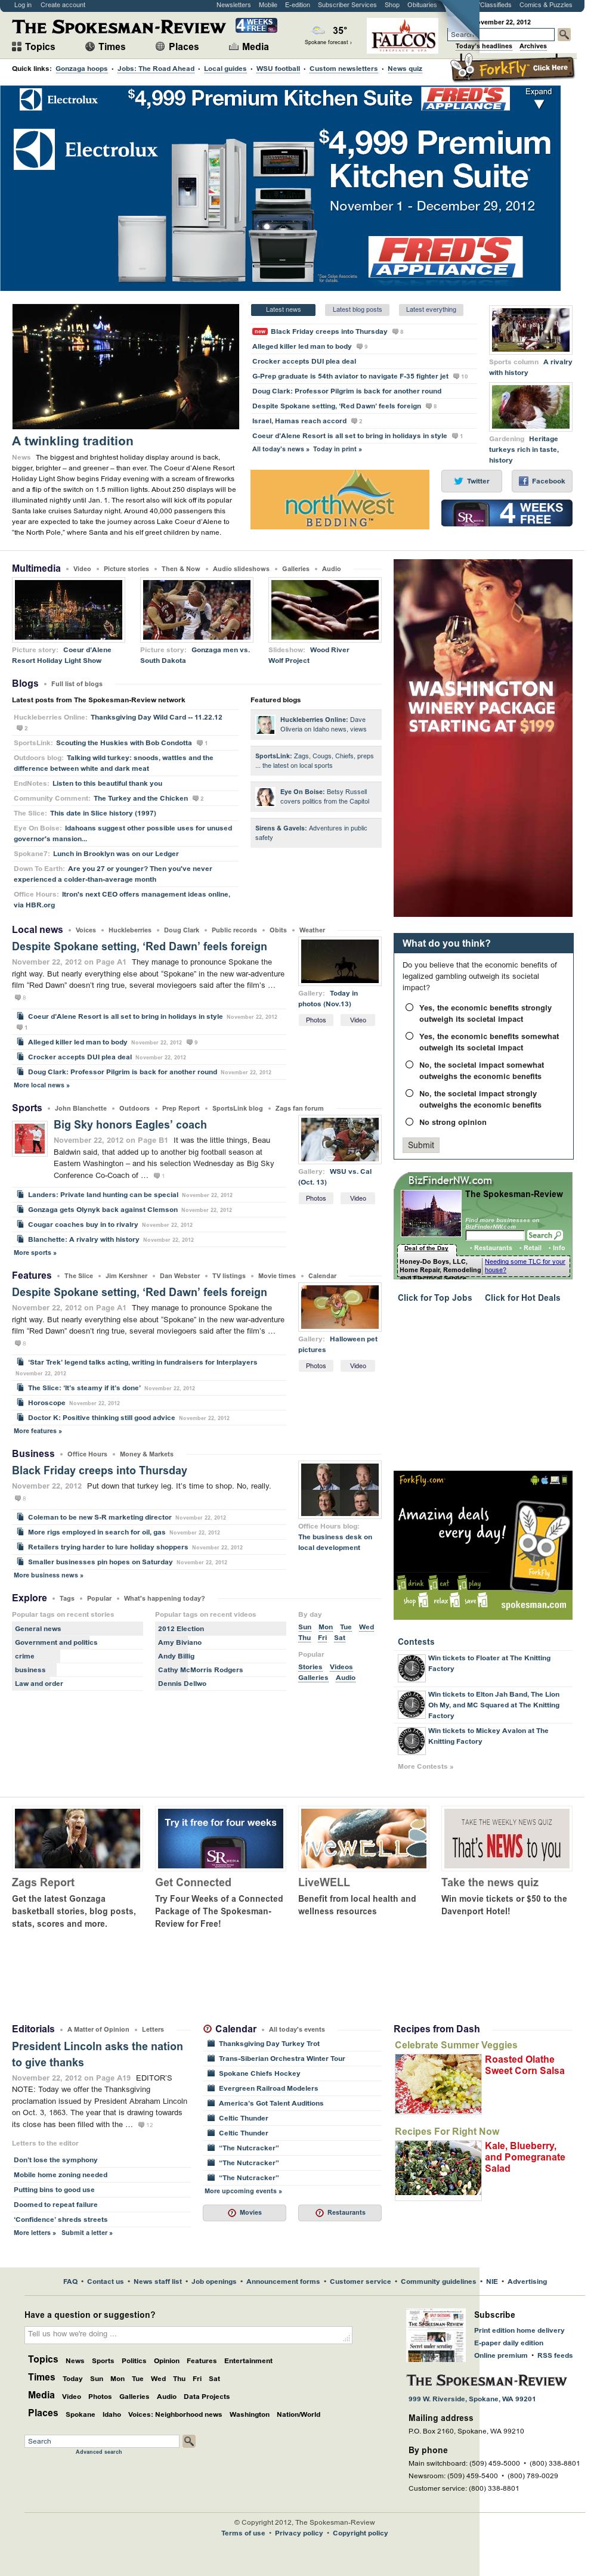 The (Spokane) Spokesman-Review at Thursday Nov. 22, 2012, 7:29 p.m. UTC